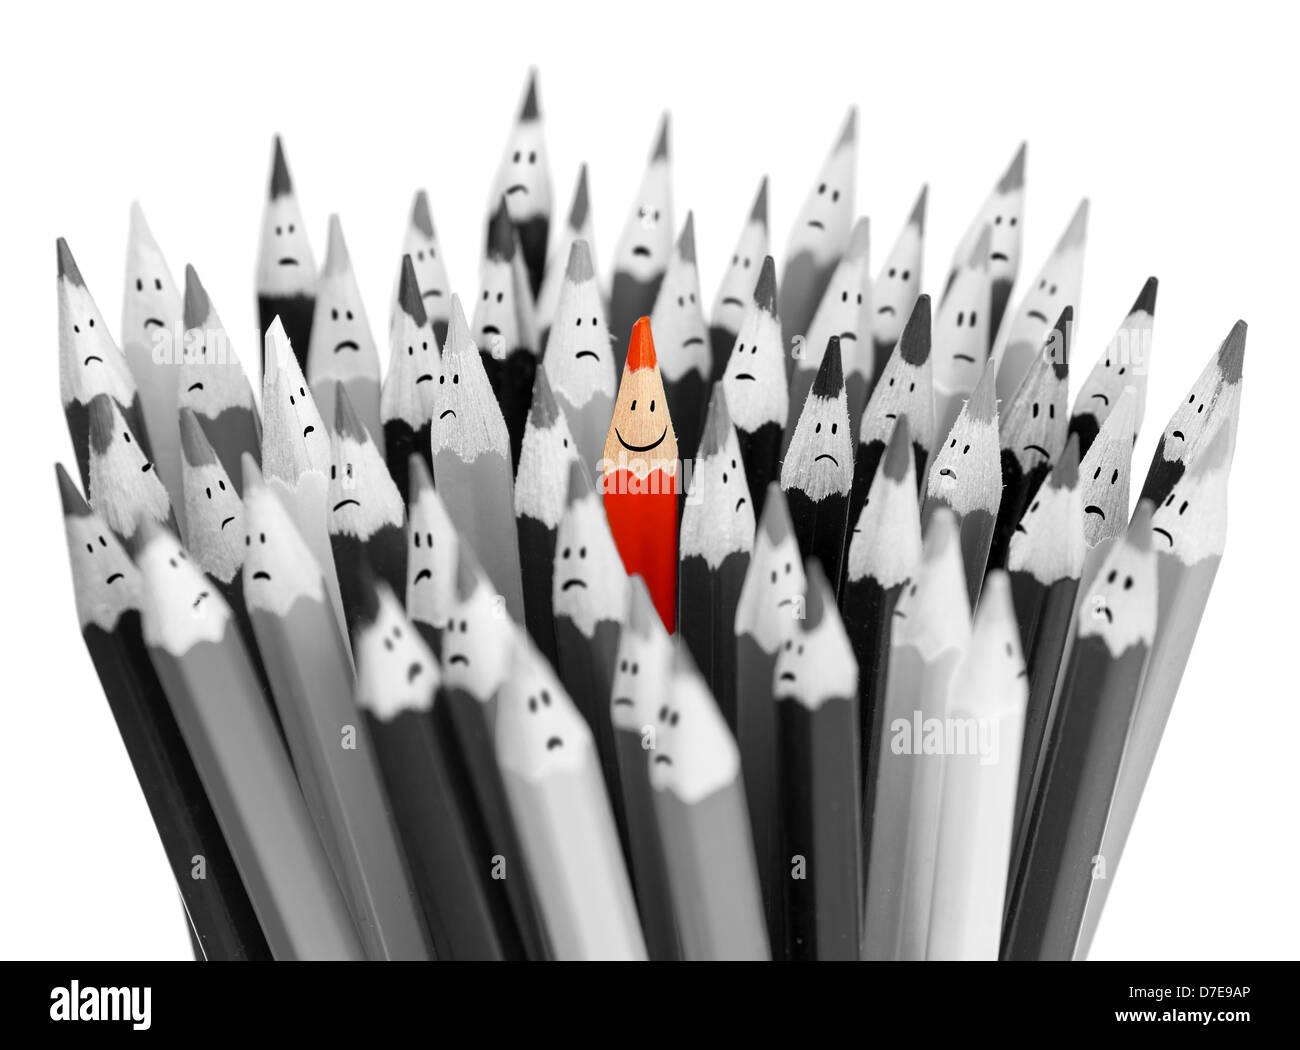 Eine helle Farbe lächelnd Bleistift unter Haufen graue traurig Bleistifte Stockbild